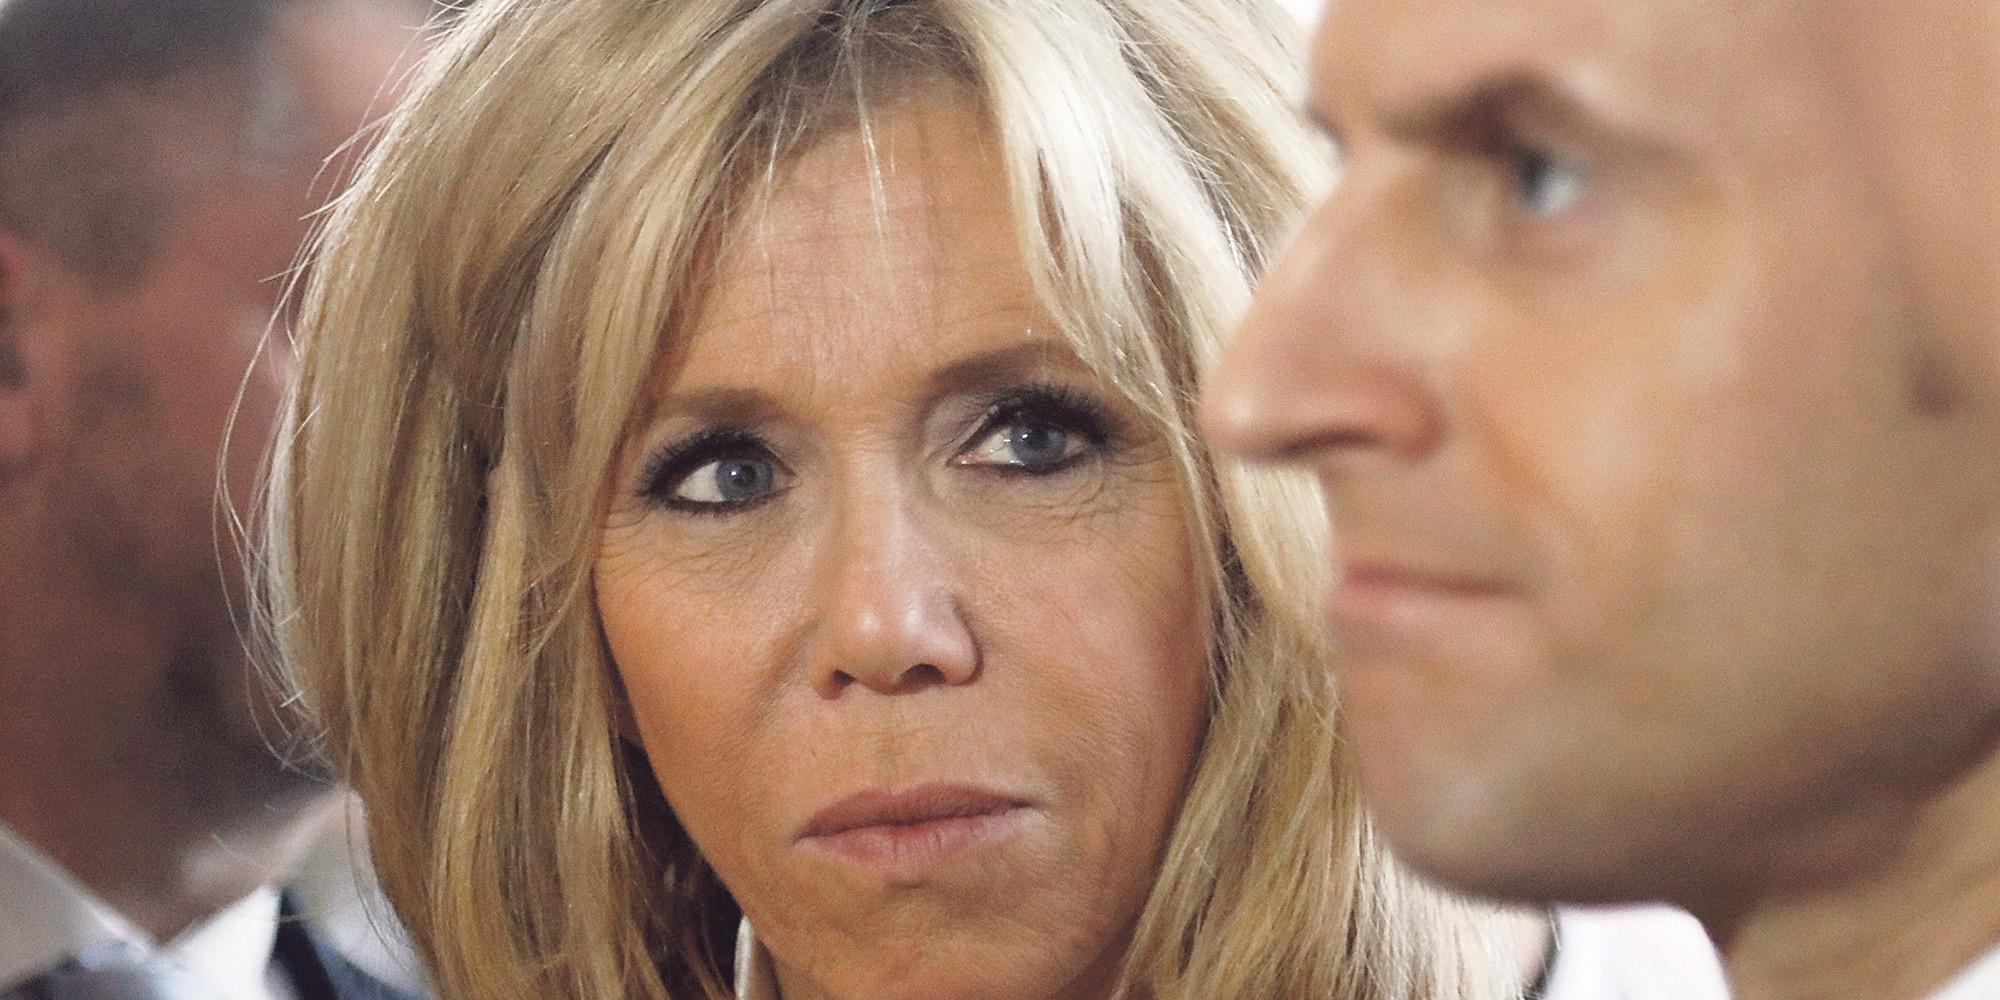 Réseaux pédocriminels dans l'entourage de Brigitte Macron ?